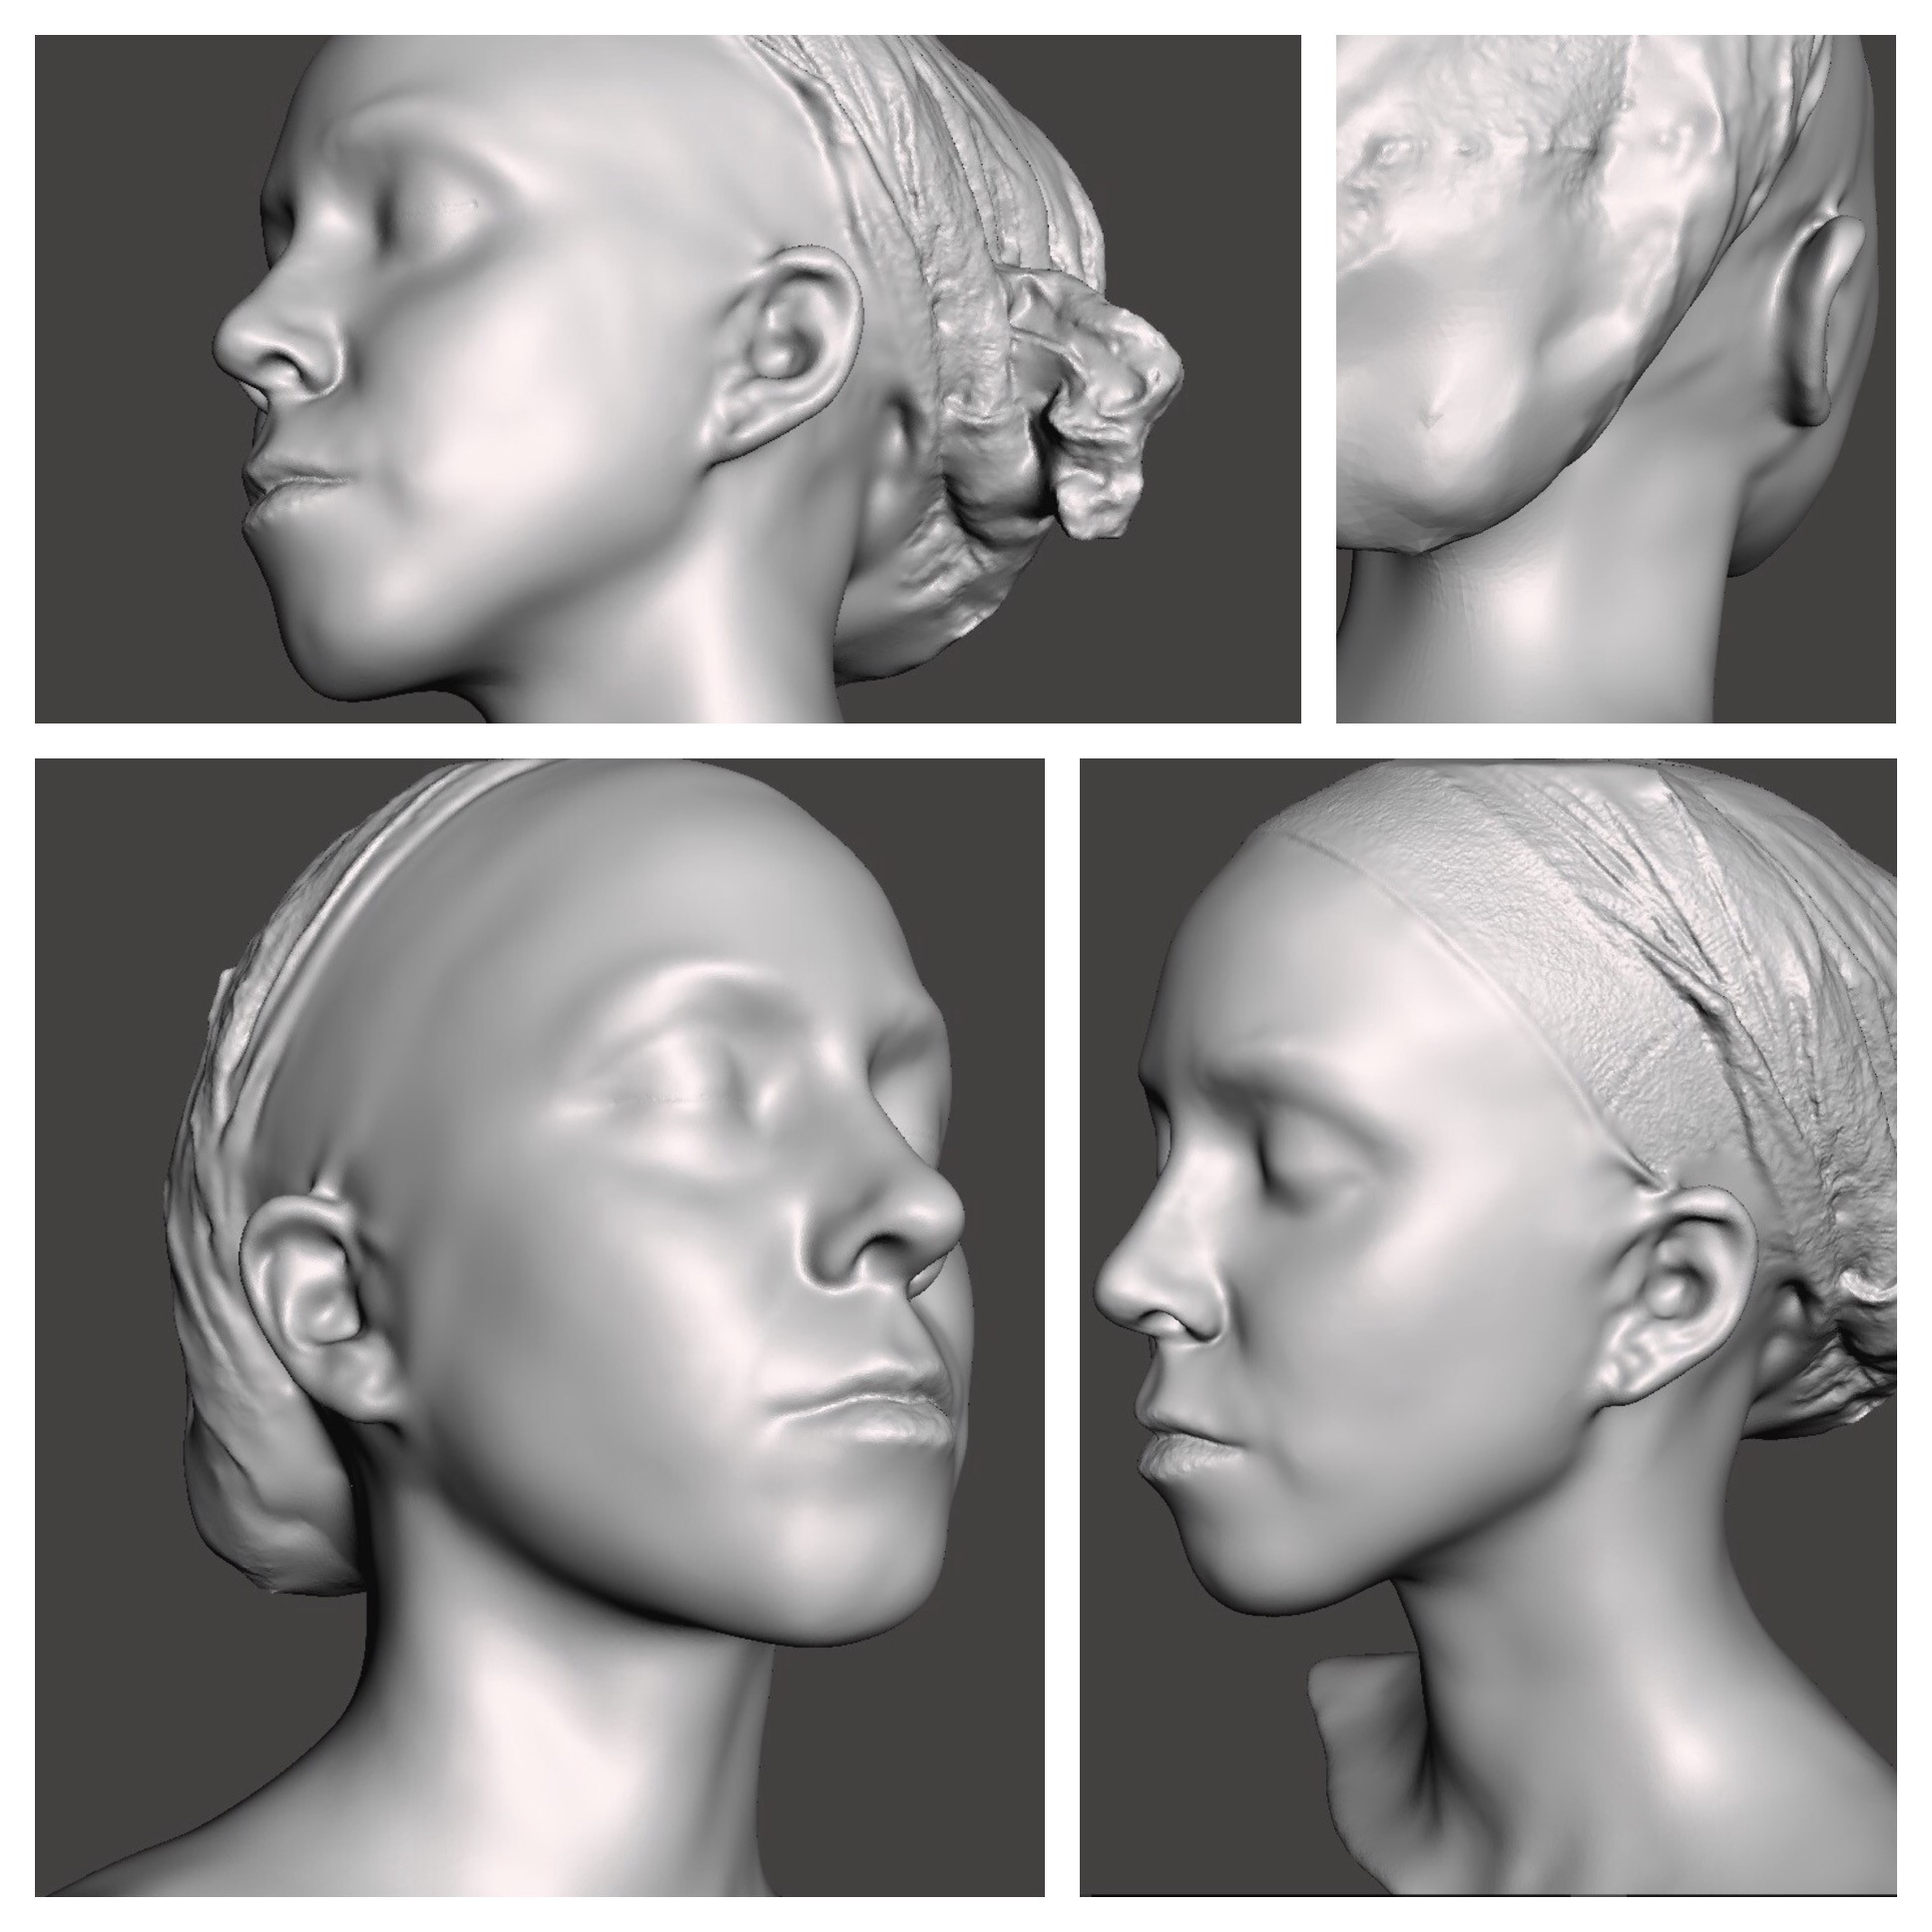 Fig: Digital 3D Portraits